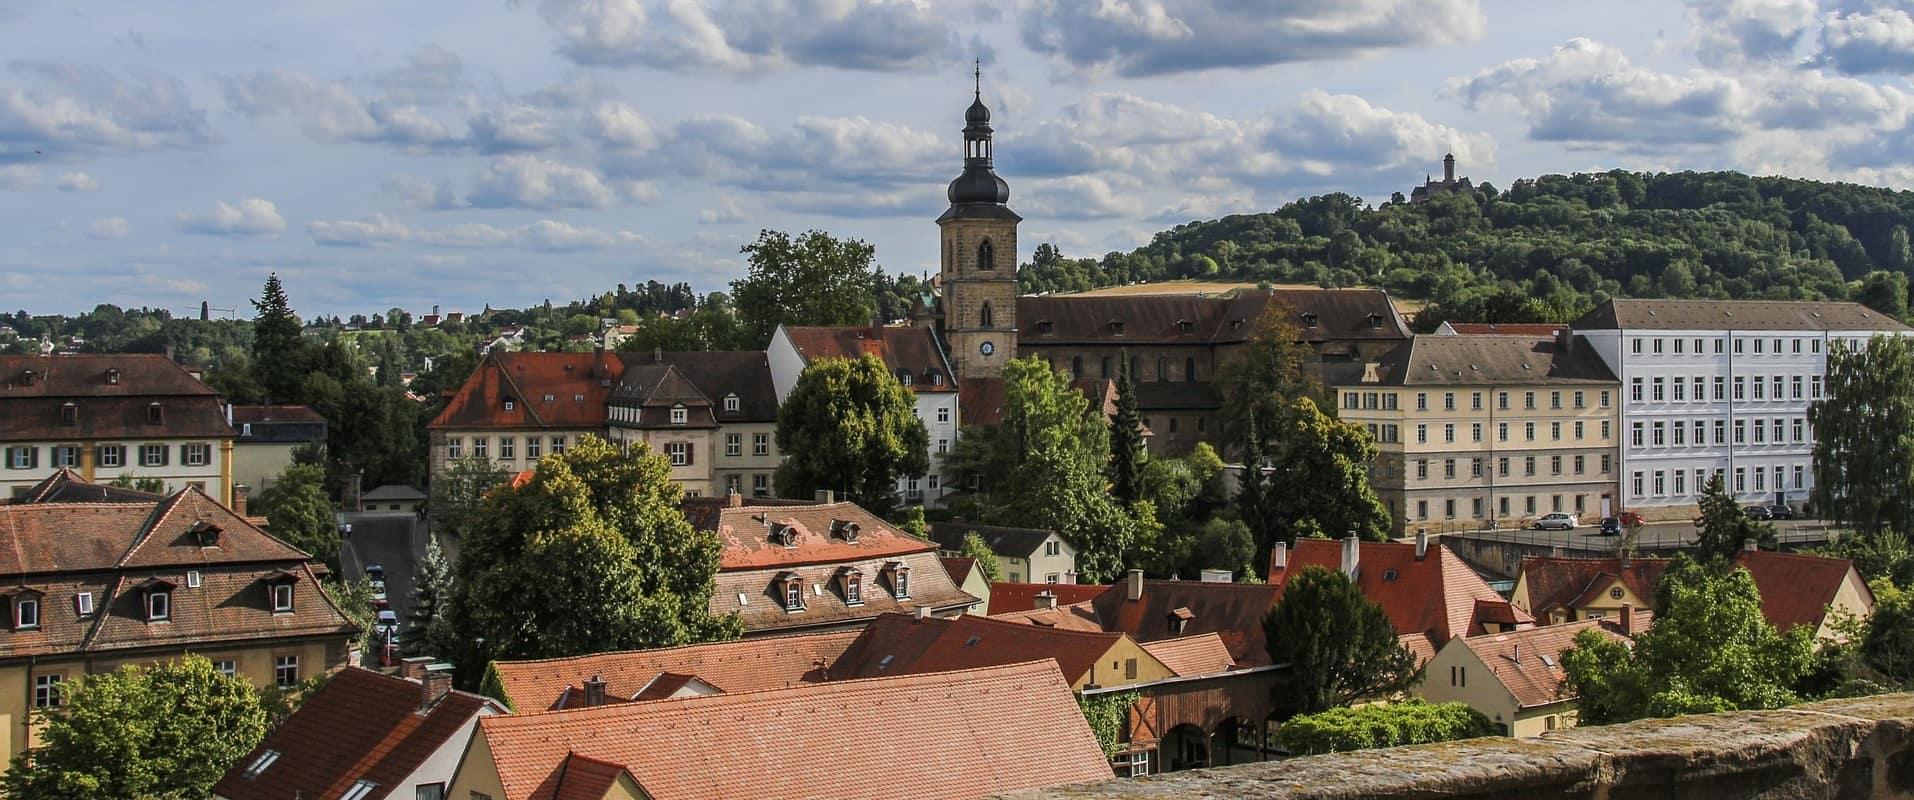 Bamberg Podcast – Tipps für die fränkische Perle